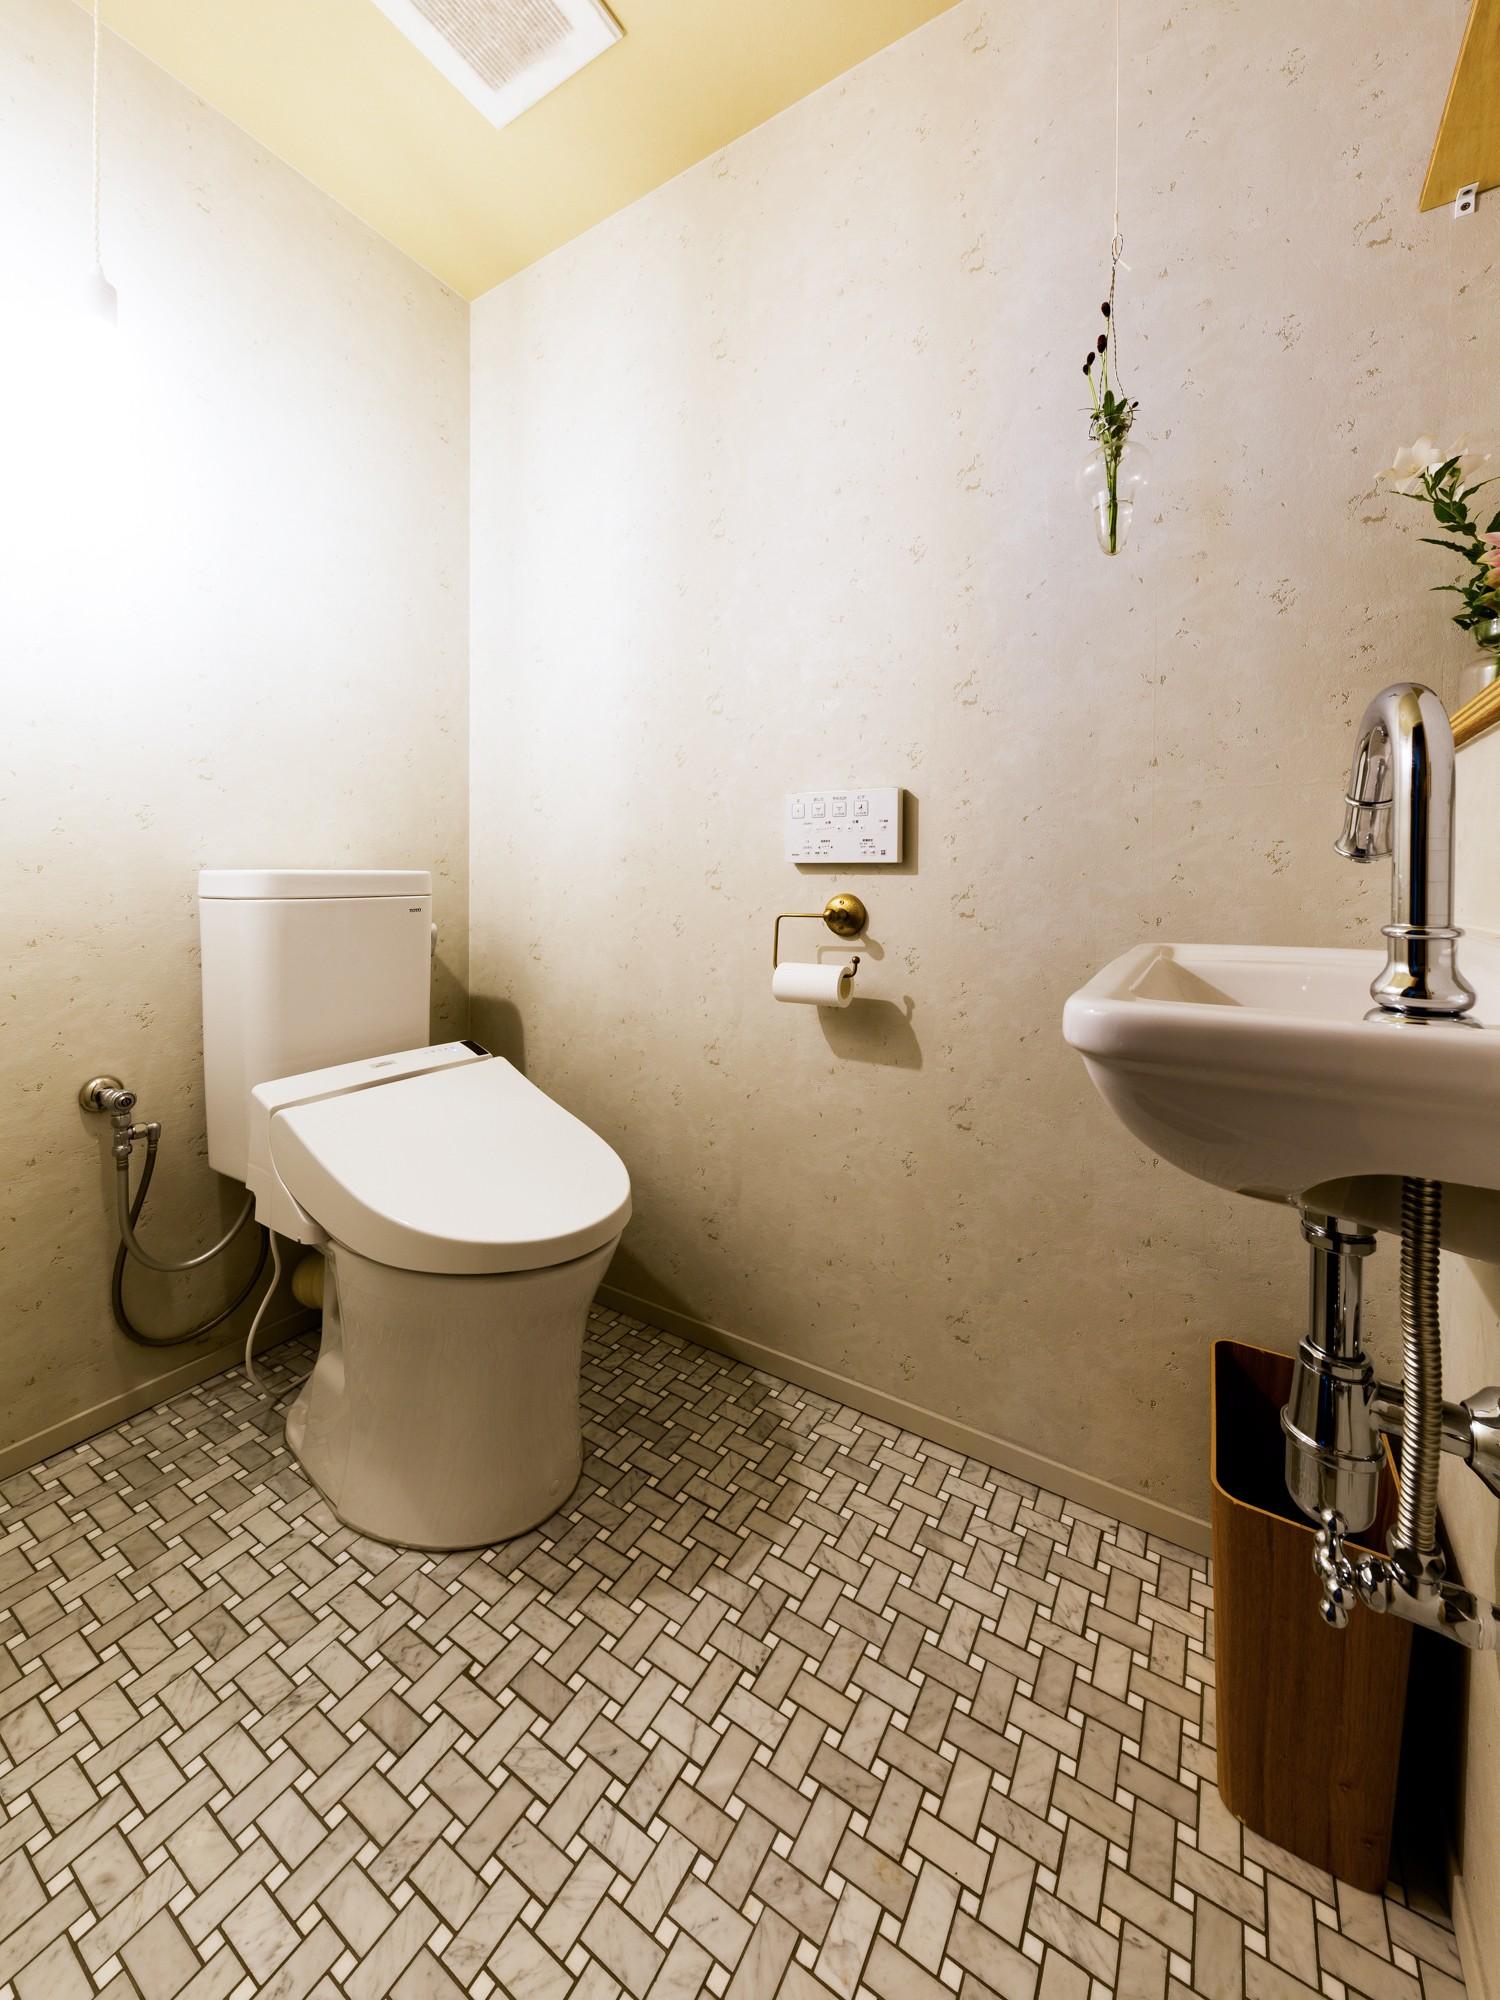 バス/トイレ事例:トイレ(見知らぬ、天井)